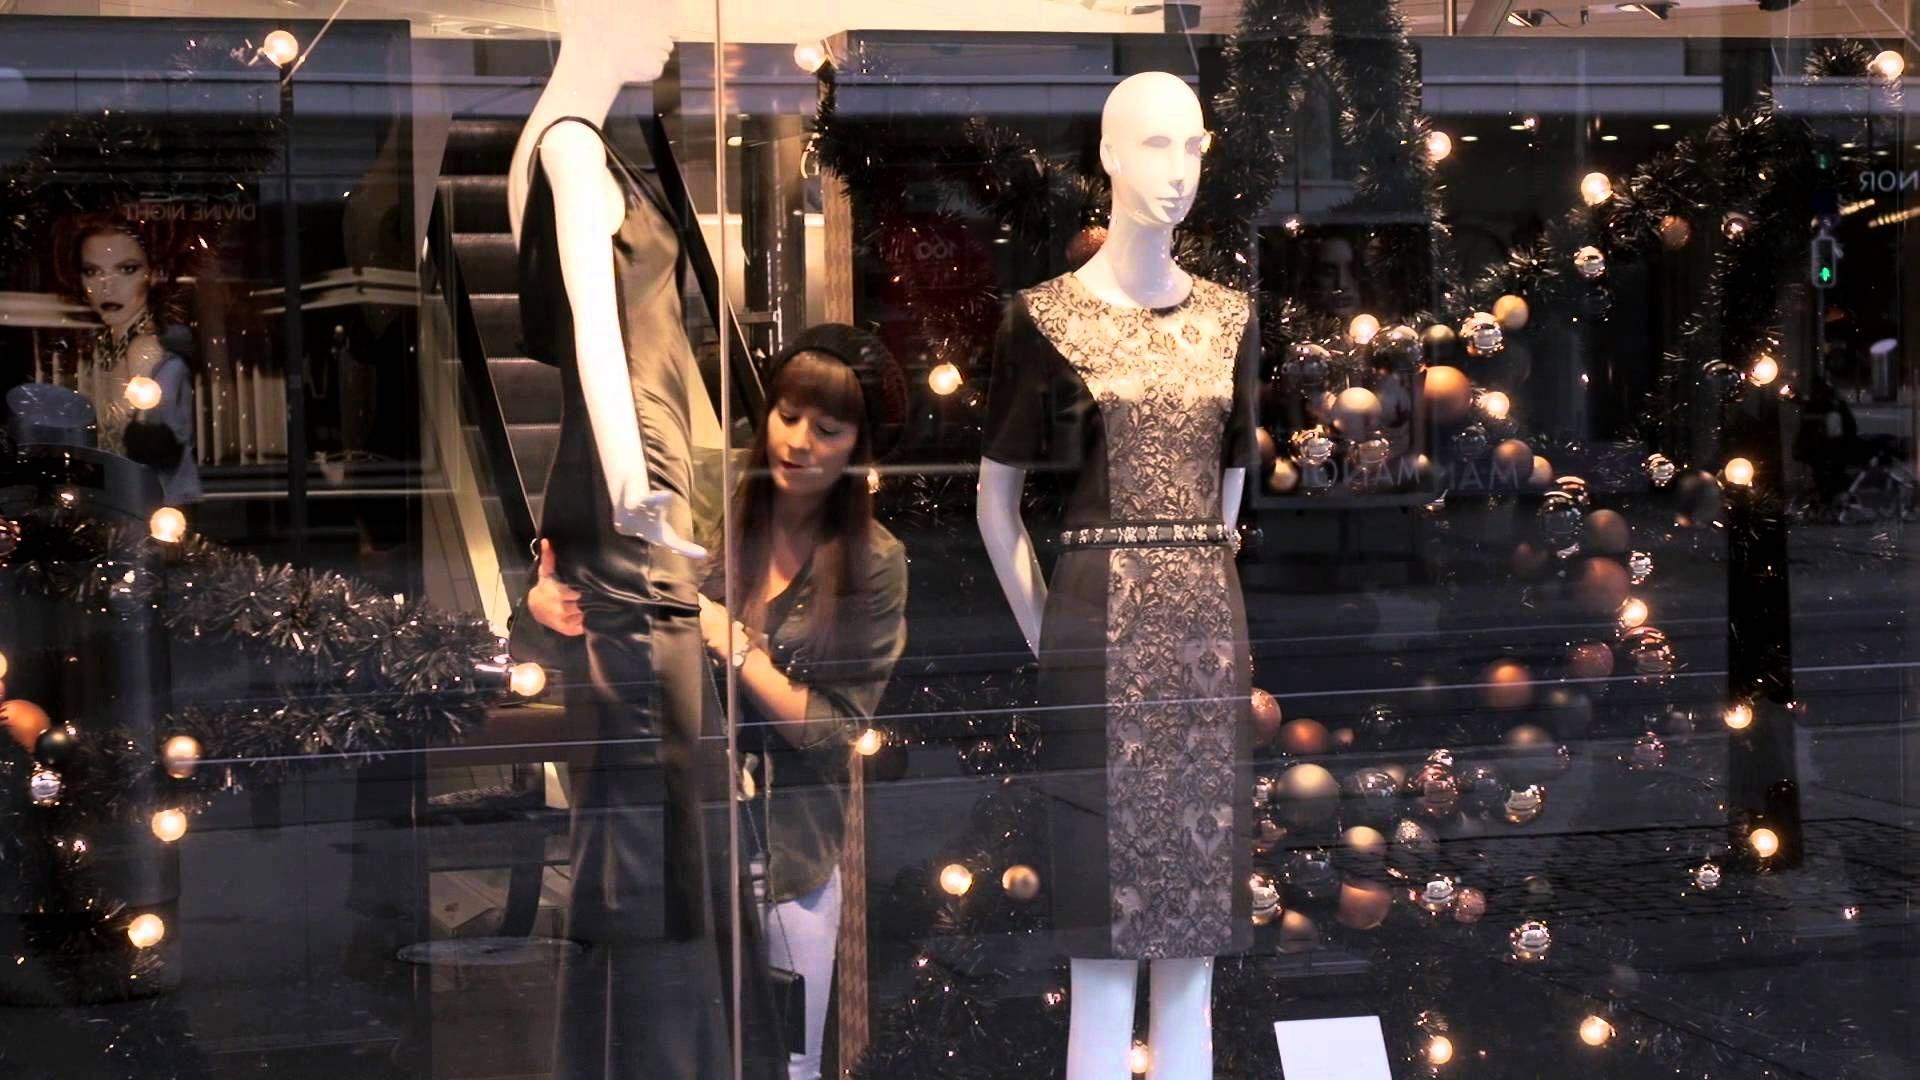 Les décorations de Noël ornant la Bahnhofstrasse brillent de mille feux. Dans les vitrines de cinq boutiques de mode, des mannequins spéciaux sont exposés. I...